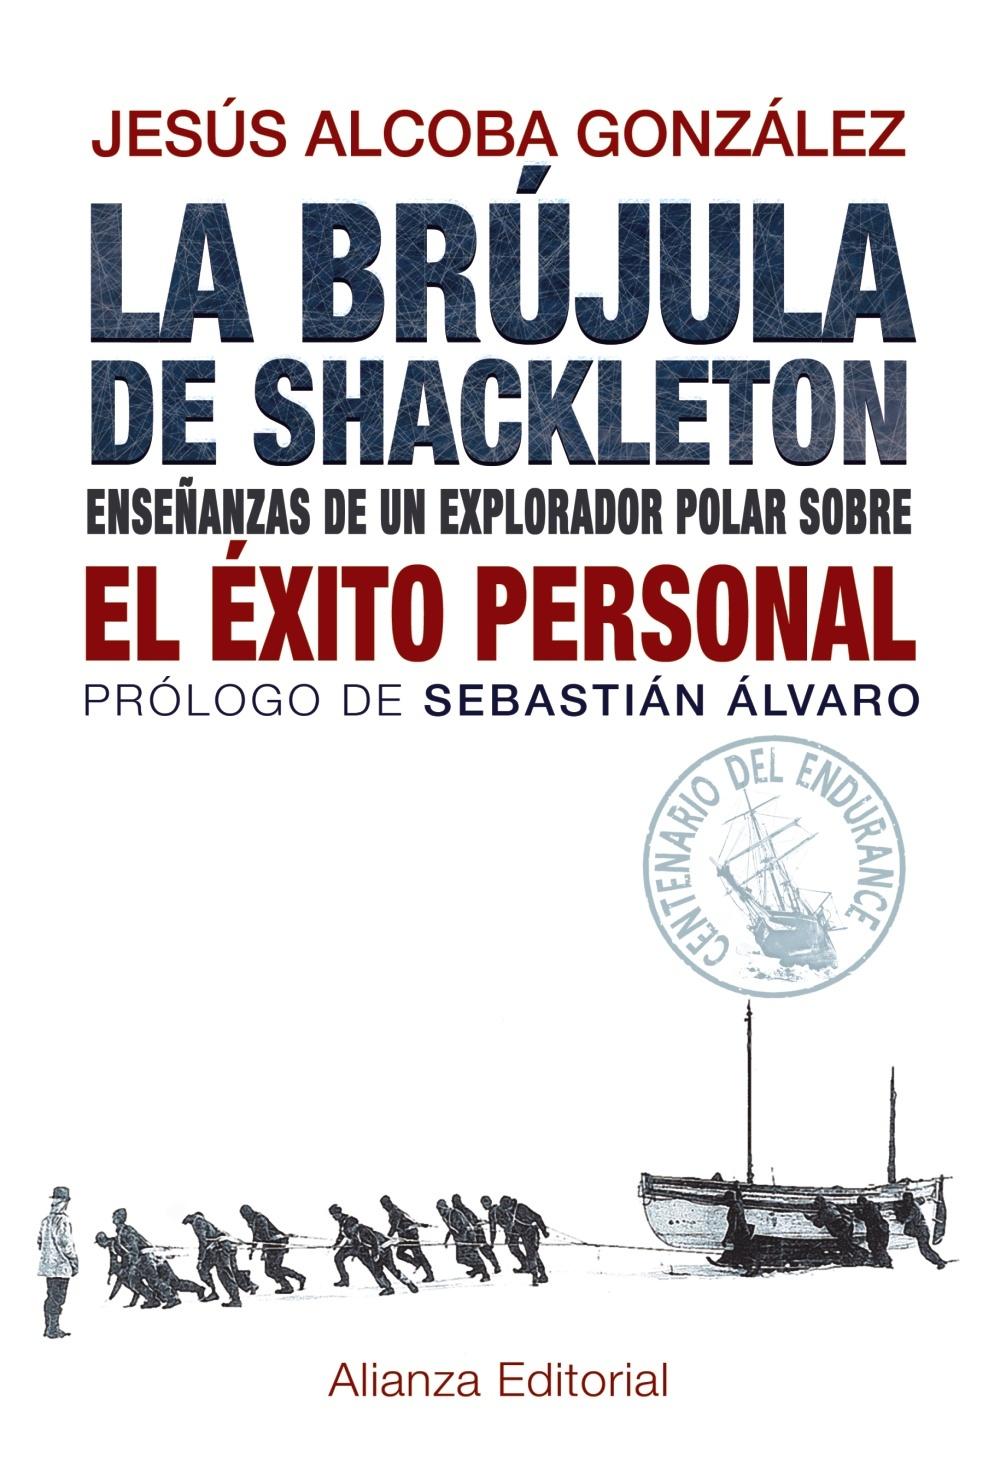 LA BRÚJULA DE SHACKLETON. ENSEÑANZAS DE UN EXPLORADOR POLAR SOBRE EL ÉXITO PERSONAL